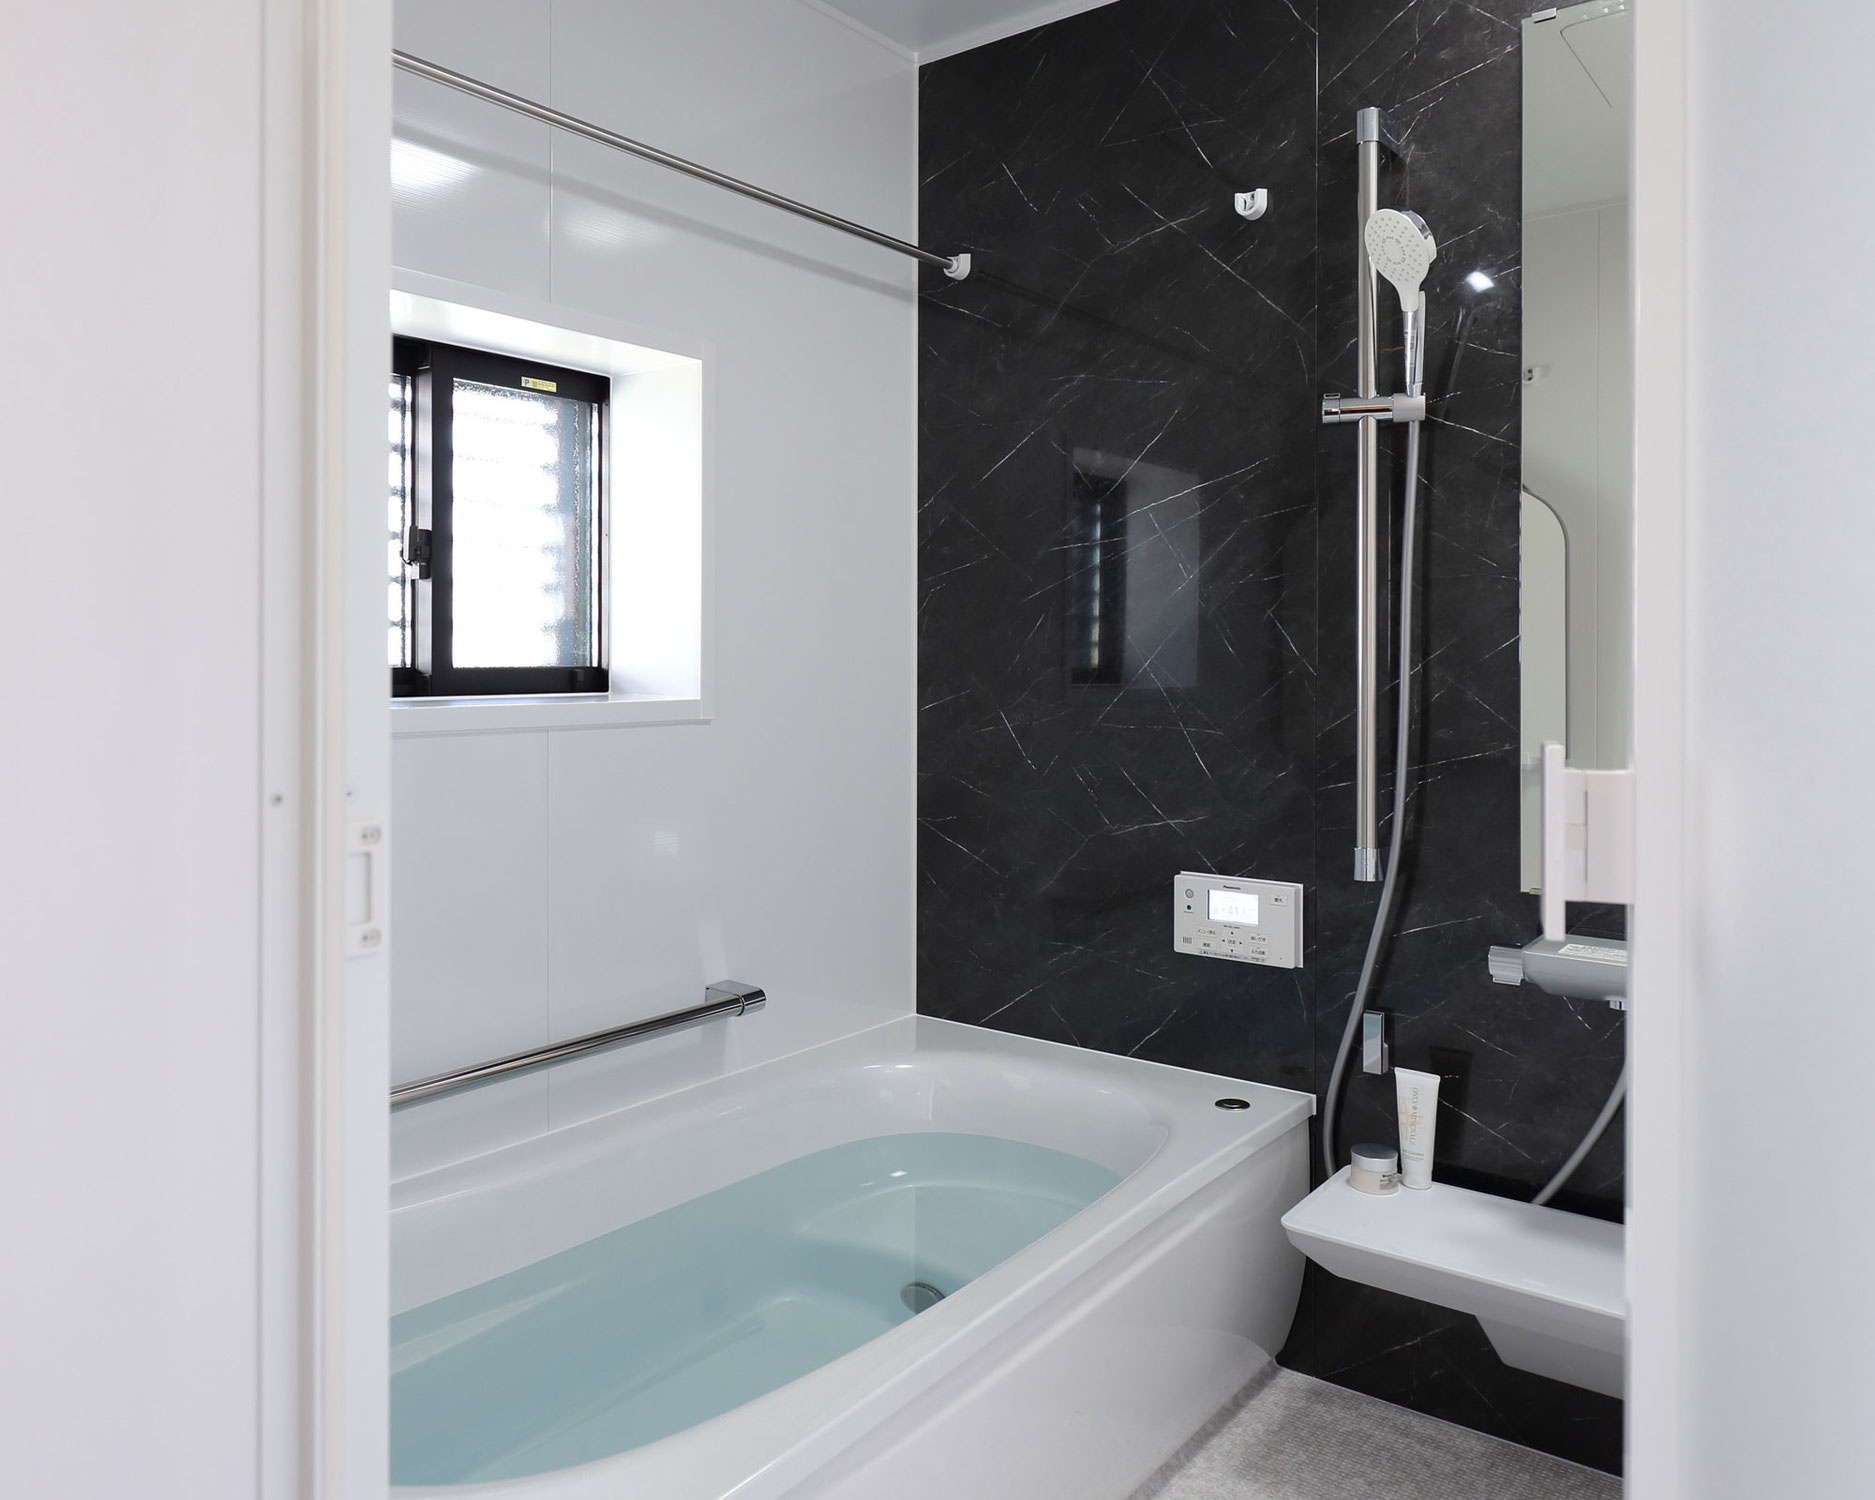 古賀市 浴室洗面リフォーム エコキュート交換・窓交換・配置変更